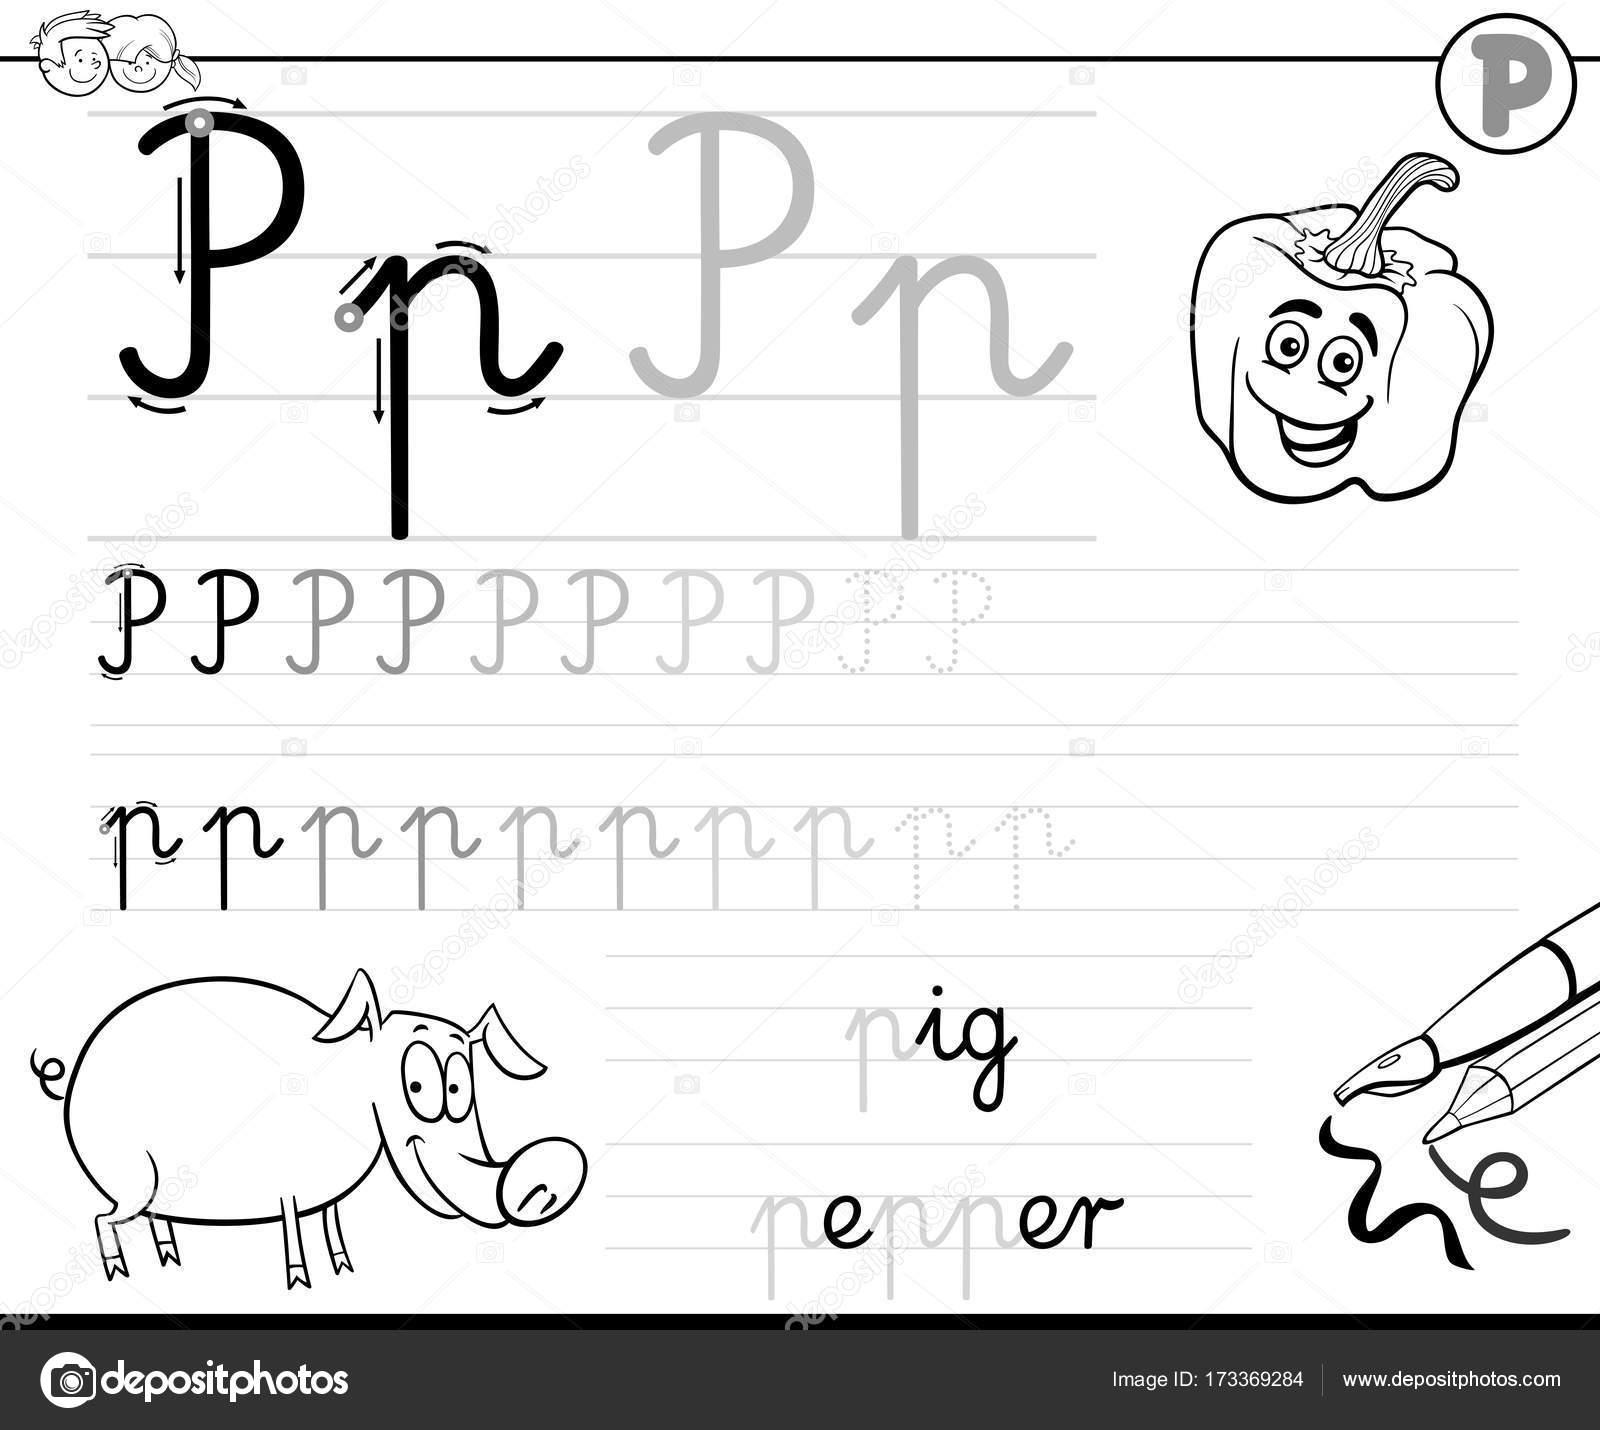 Aprende a escribir libro de letra P para niños — Archivo Imágenes ...